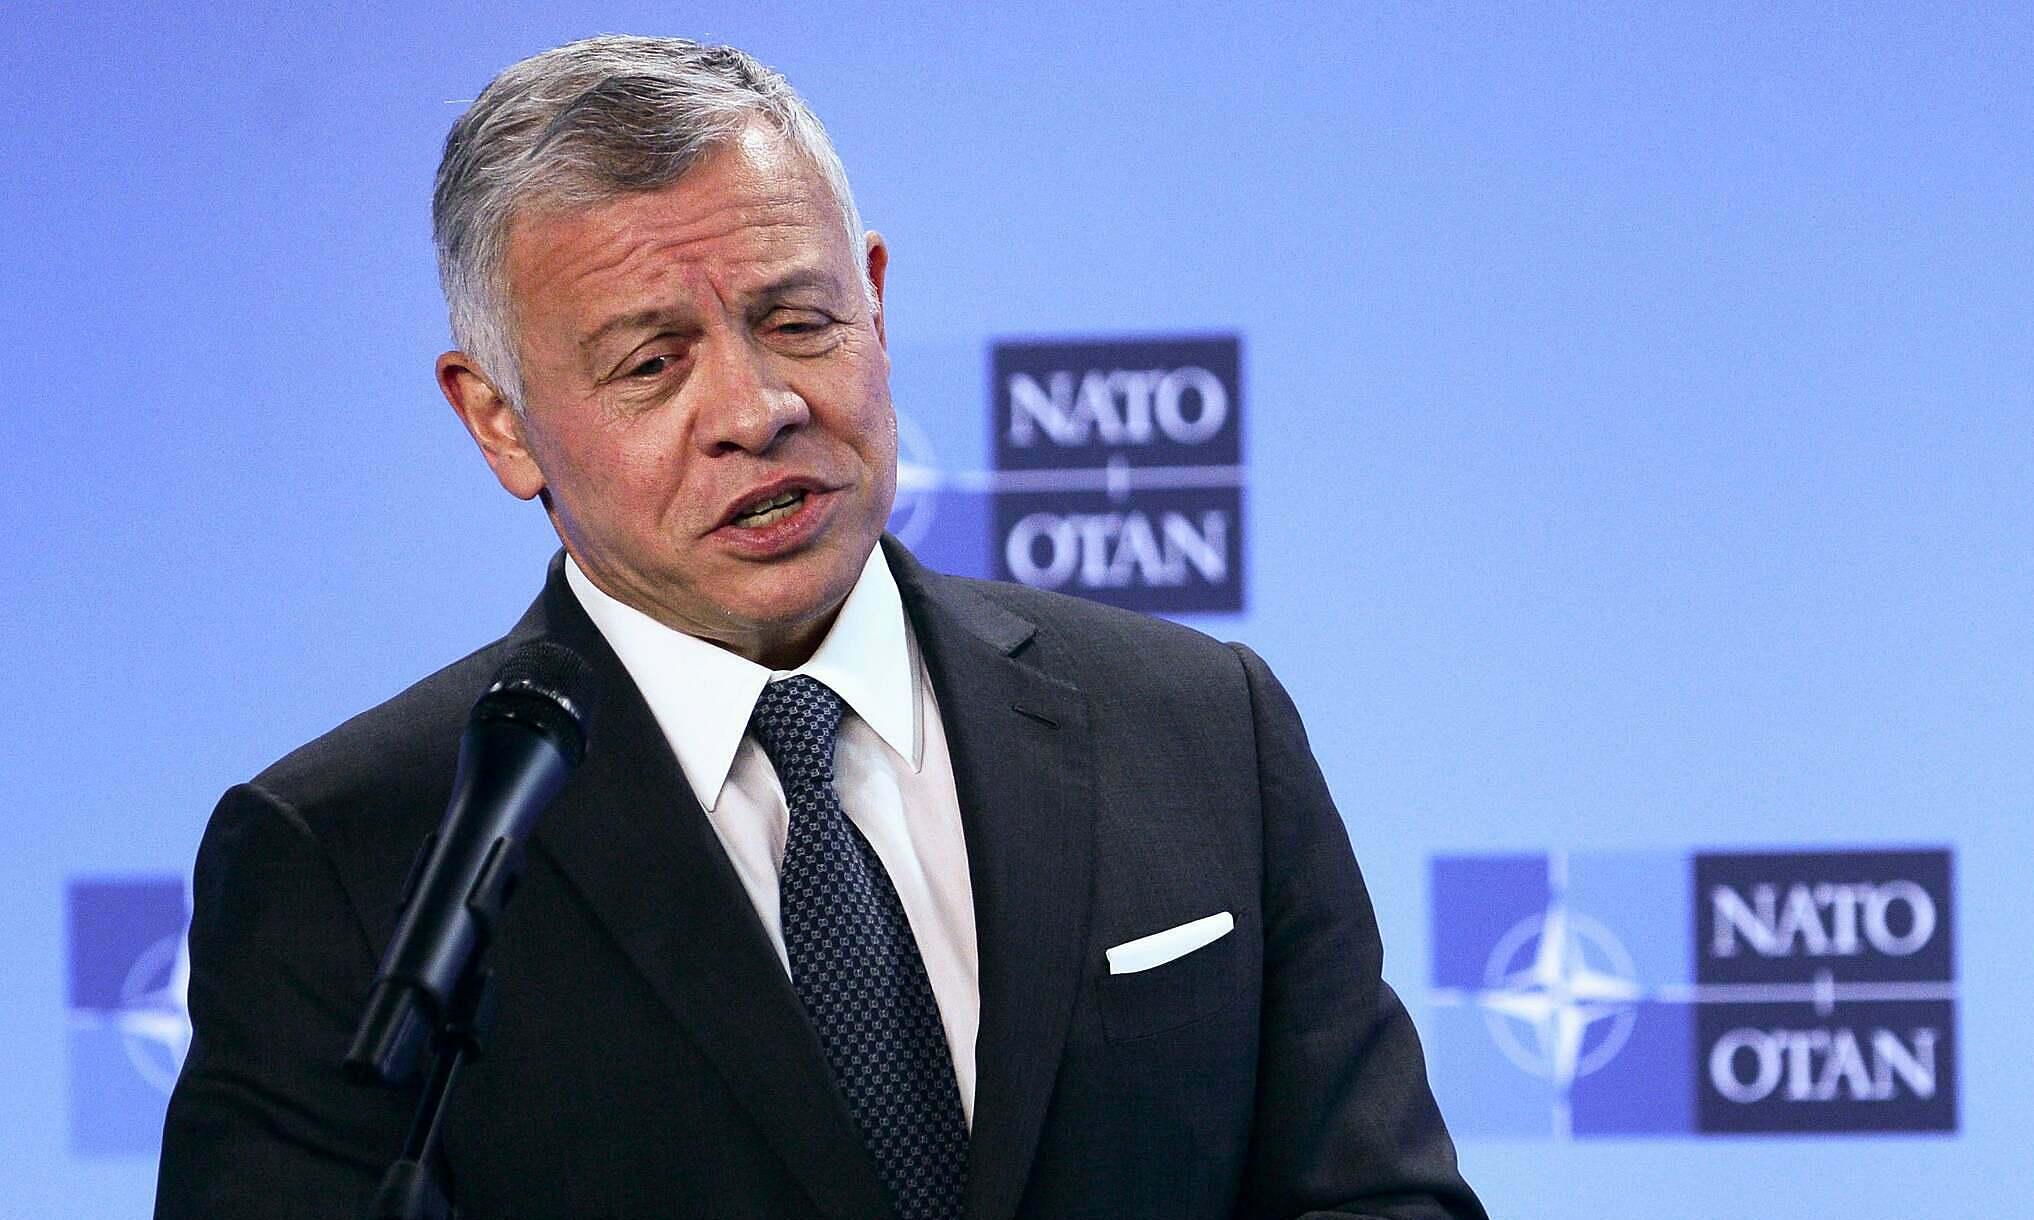 Nhà vua Jordan Abdullah II phát biểu tại Brussels vào tháng 5 trong cuộc họp với Tổng thư ký NATO Jens Stoltenberg. Ảnh: AP.